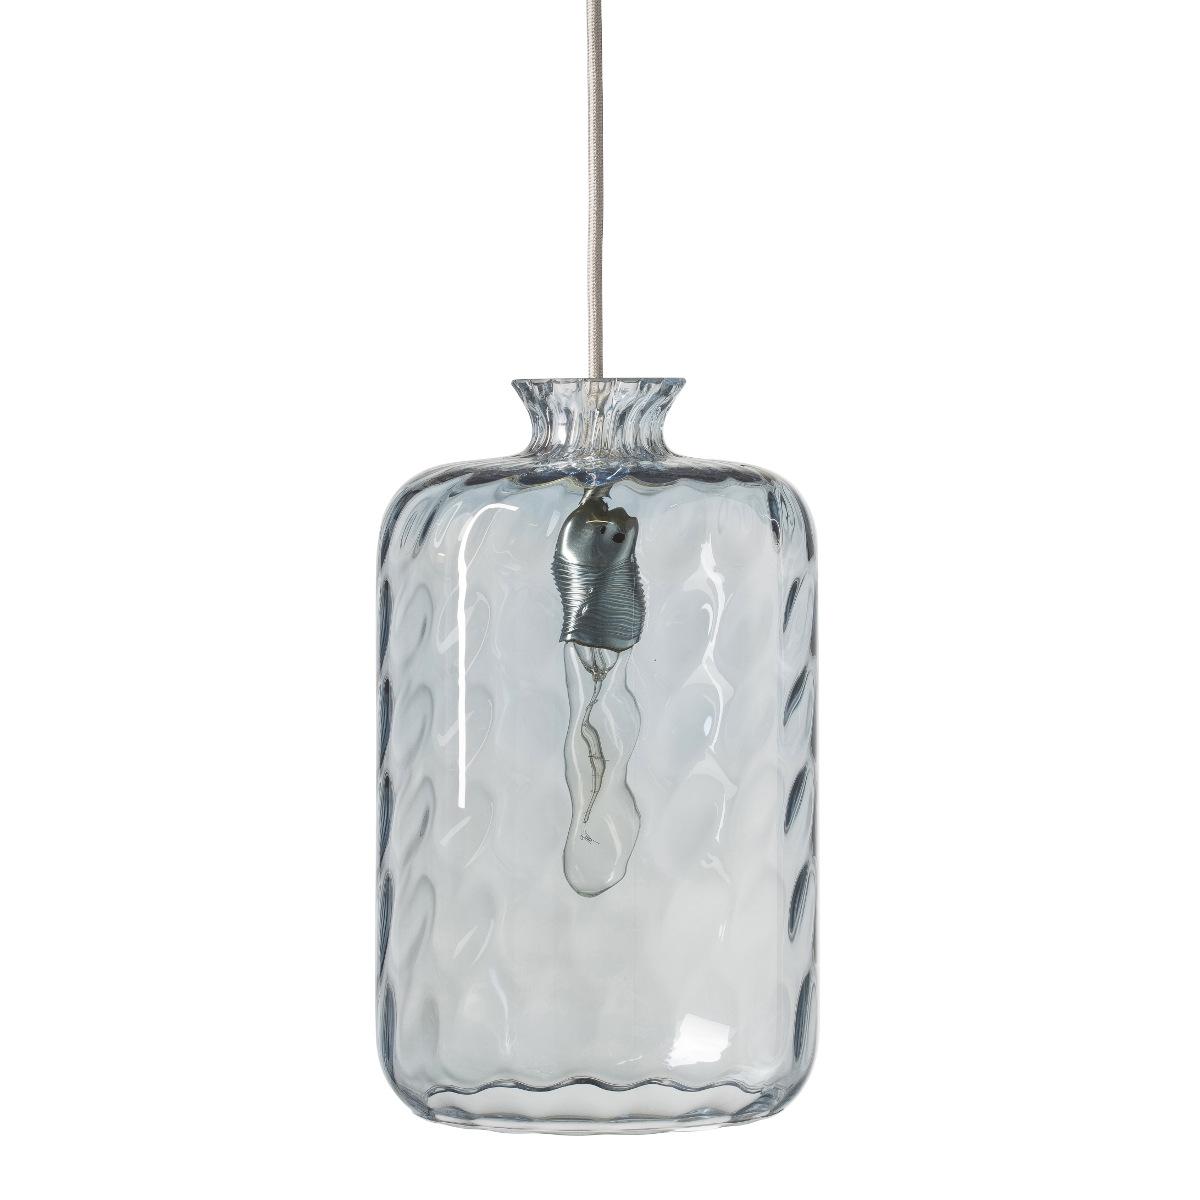 Zylinderf rmige pendelleuchte aus gewelltem farbigem glas for Deckenleuchten farbig